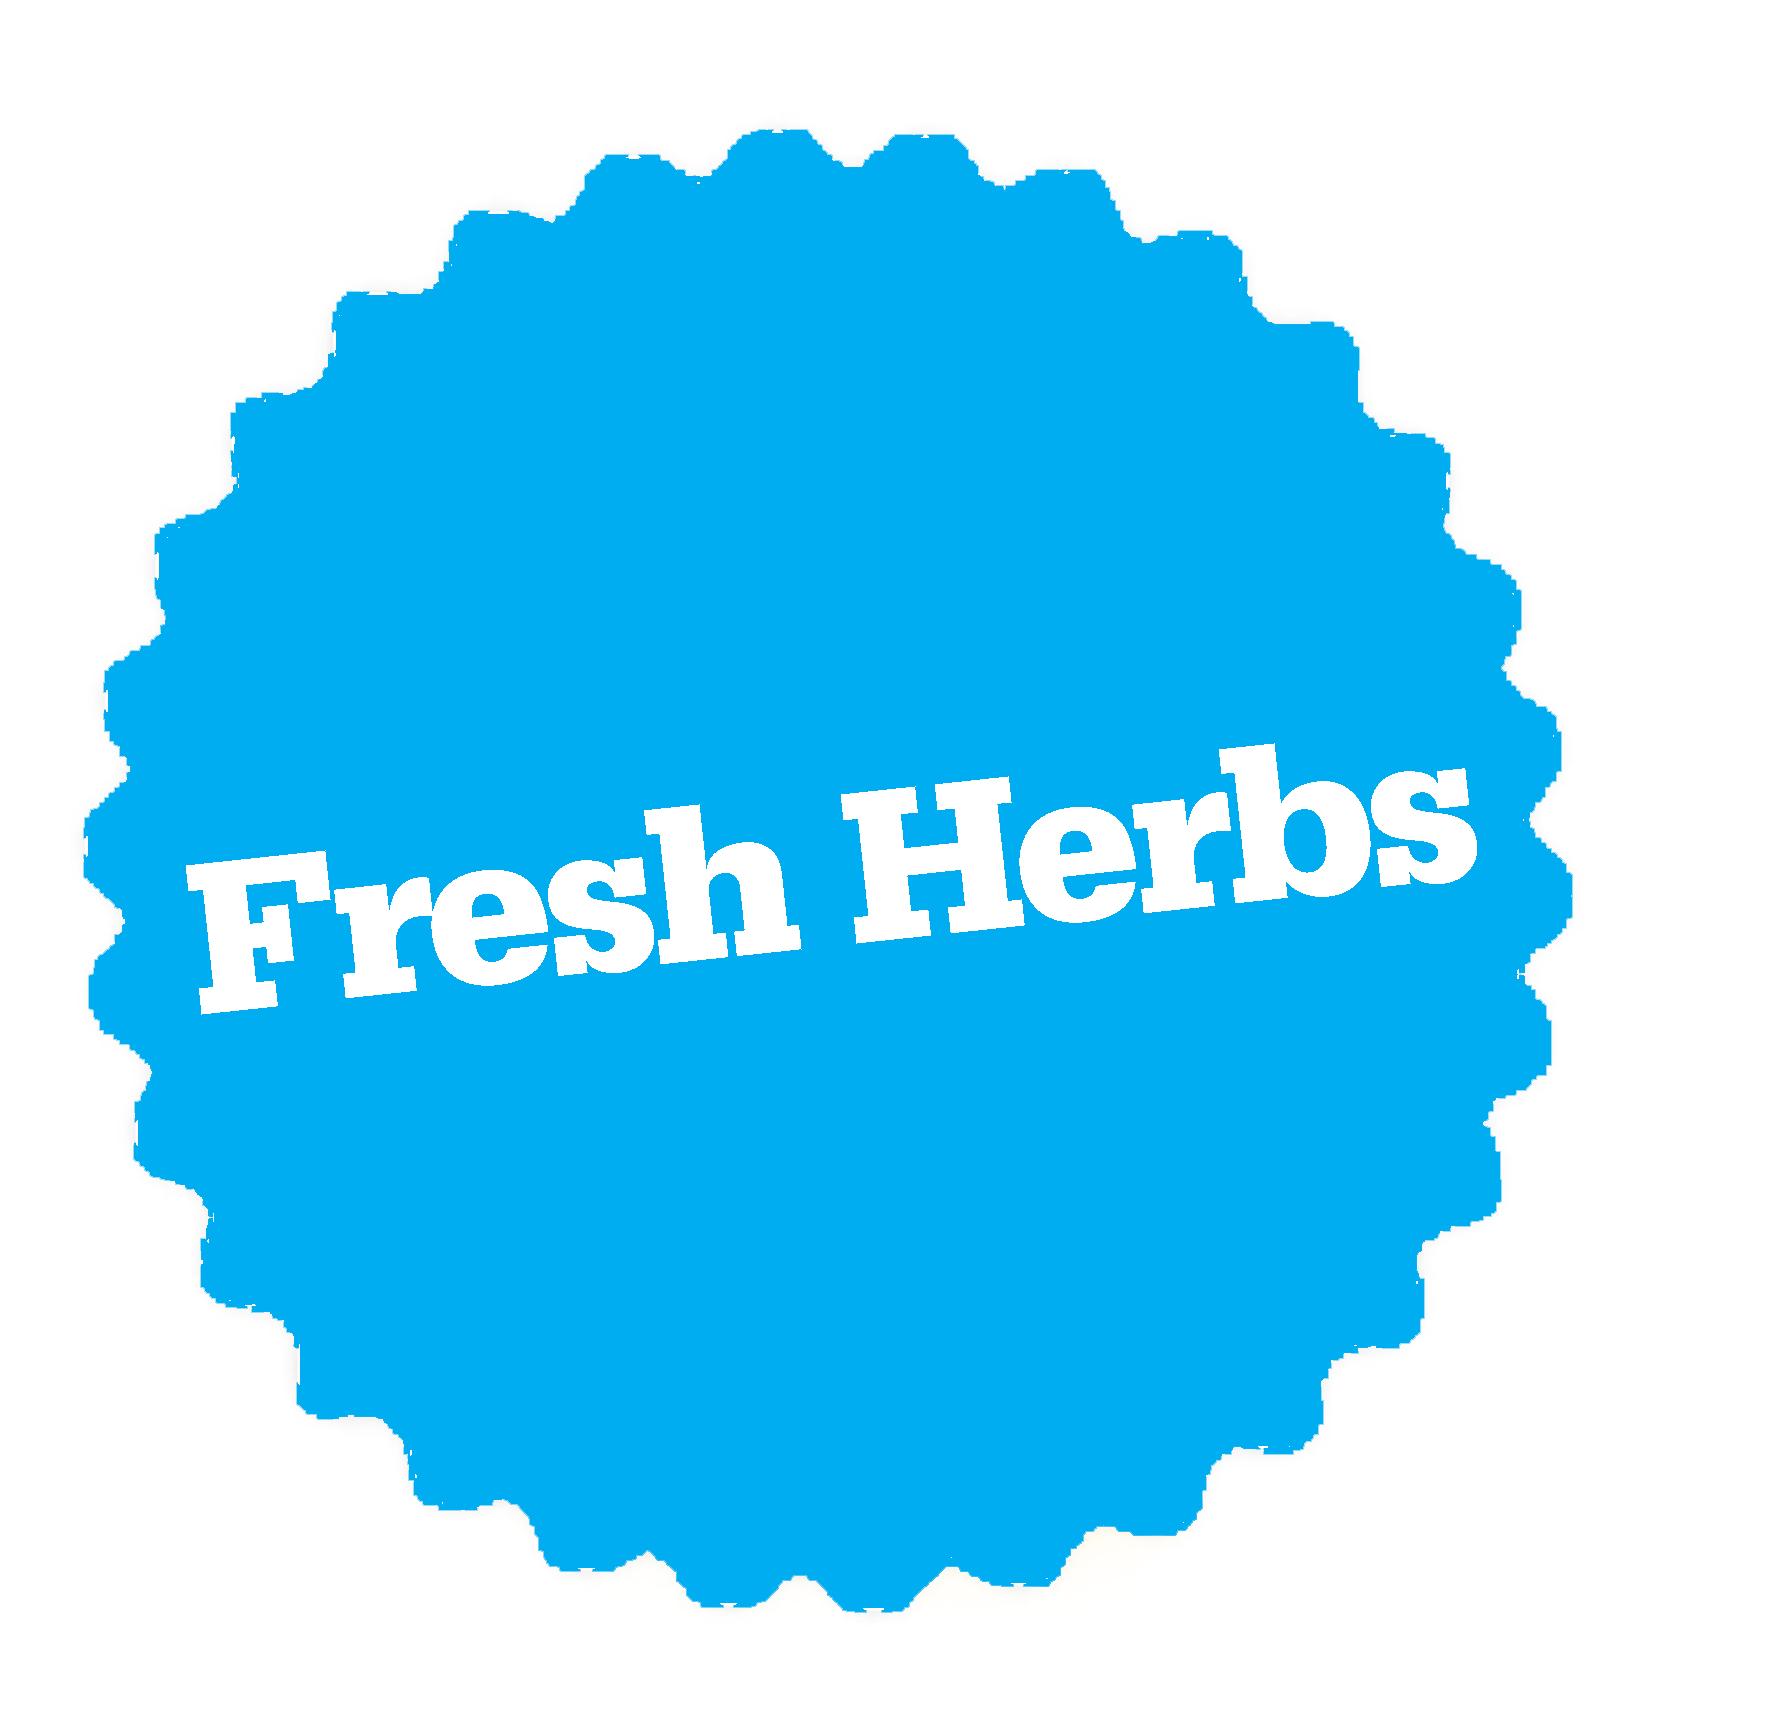 GFG Star_Fresh Herbs_blau